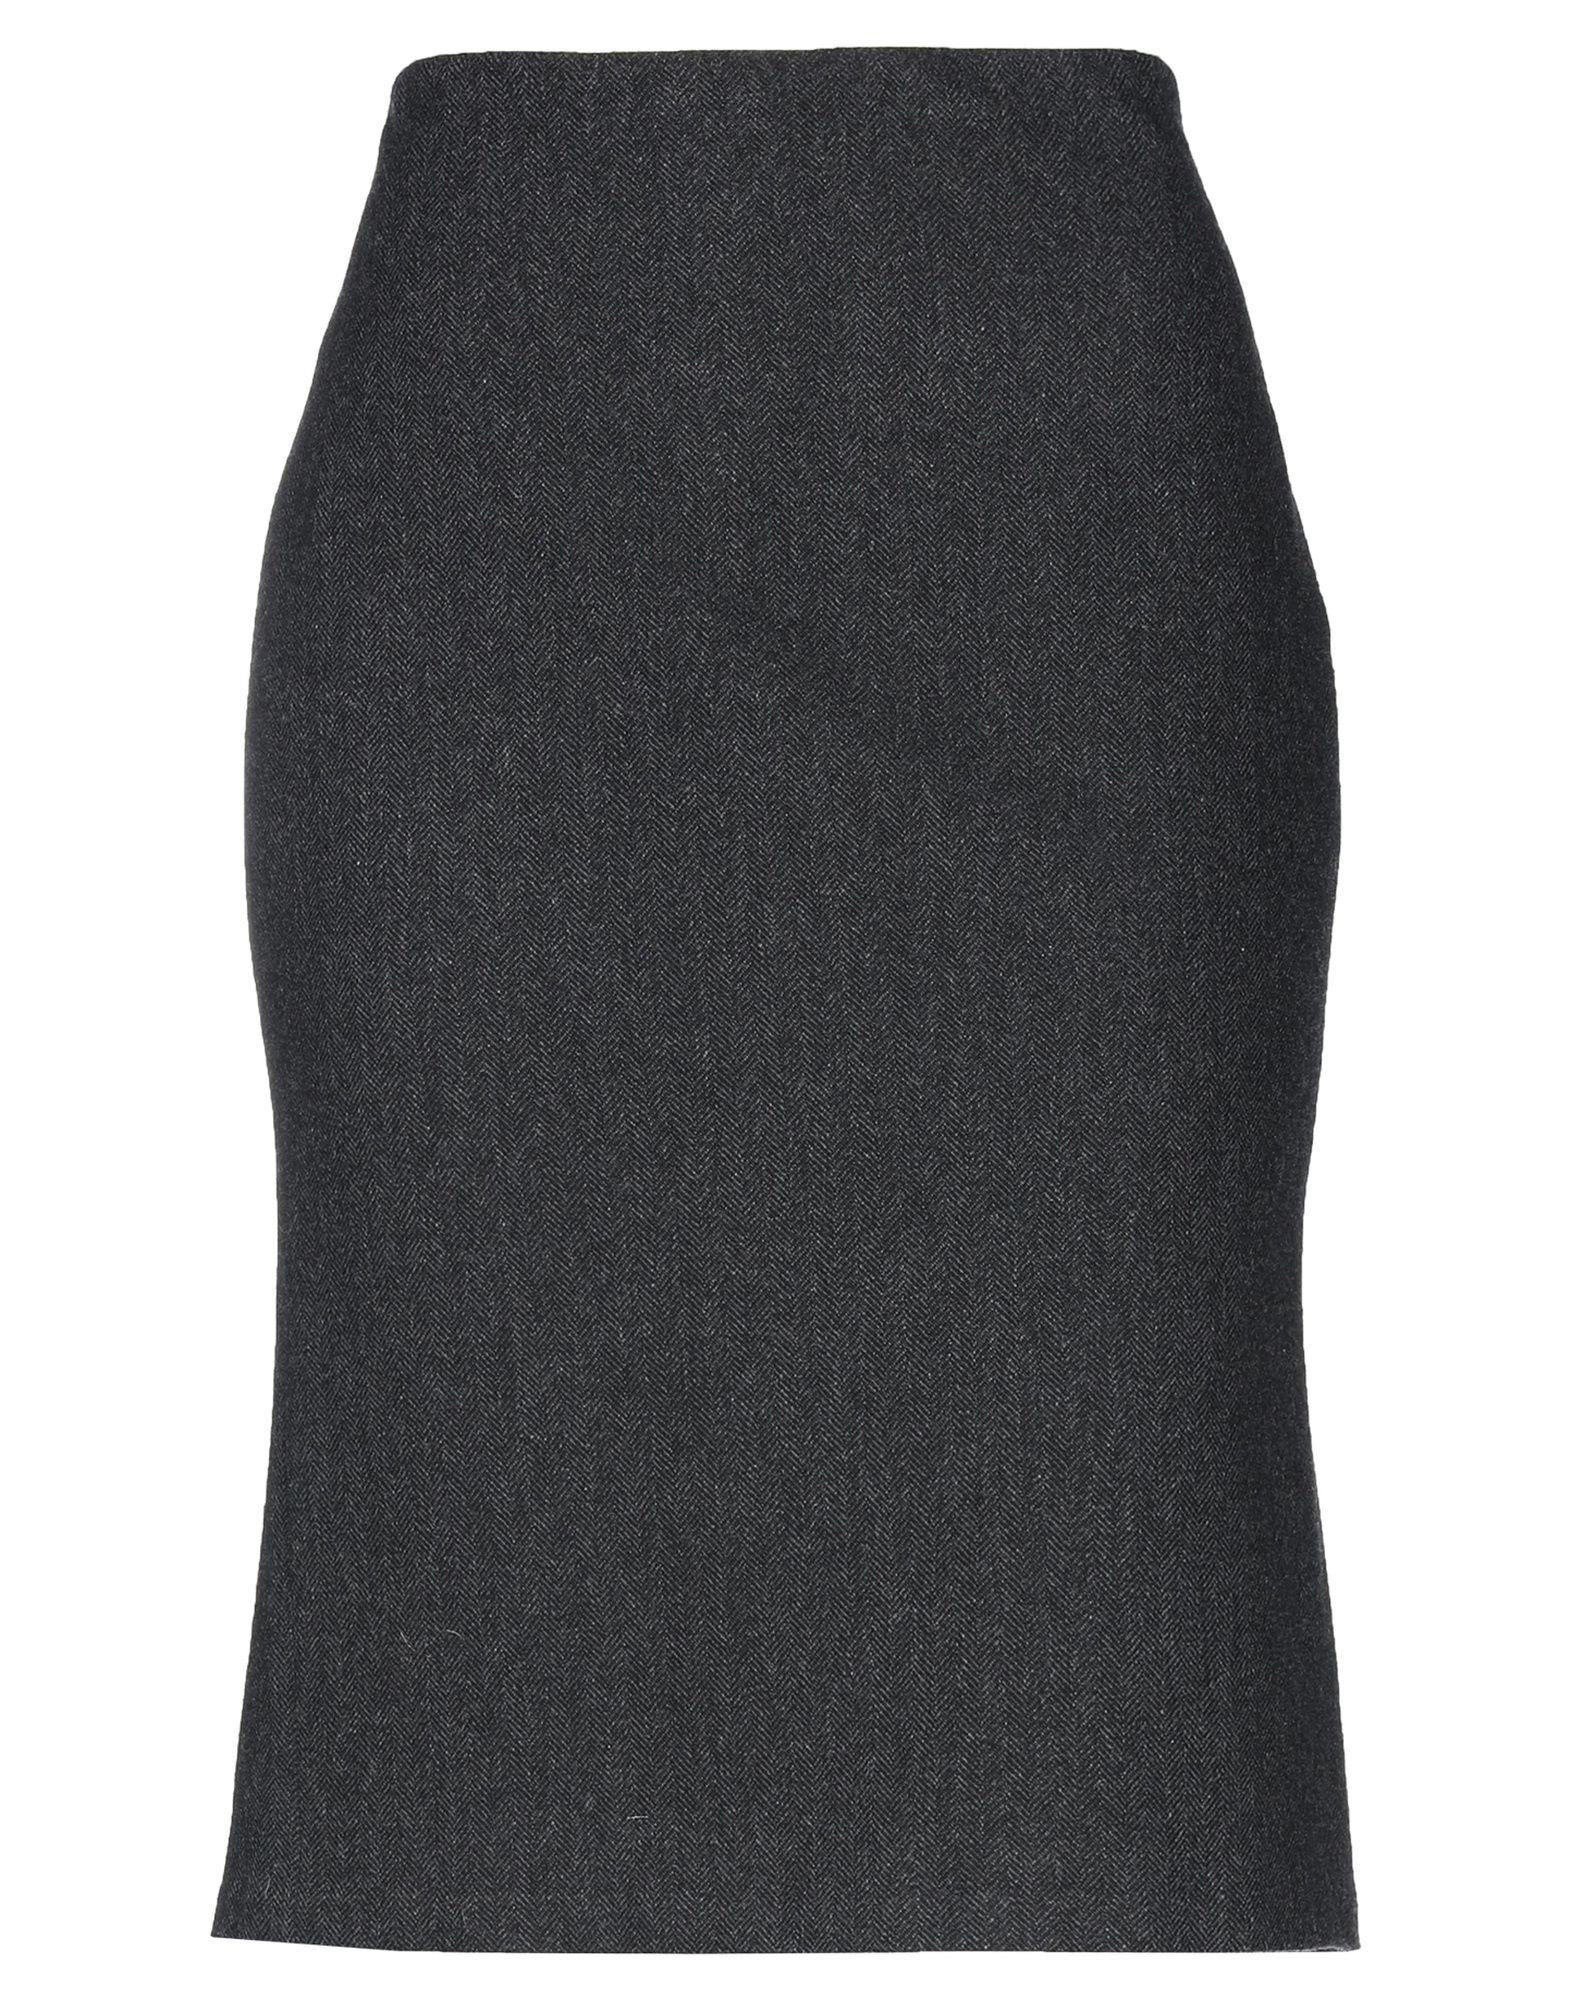 купить RALPH LAUREN BLACK LABEL Юбка до колена по цене 15050 рублей